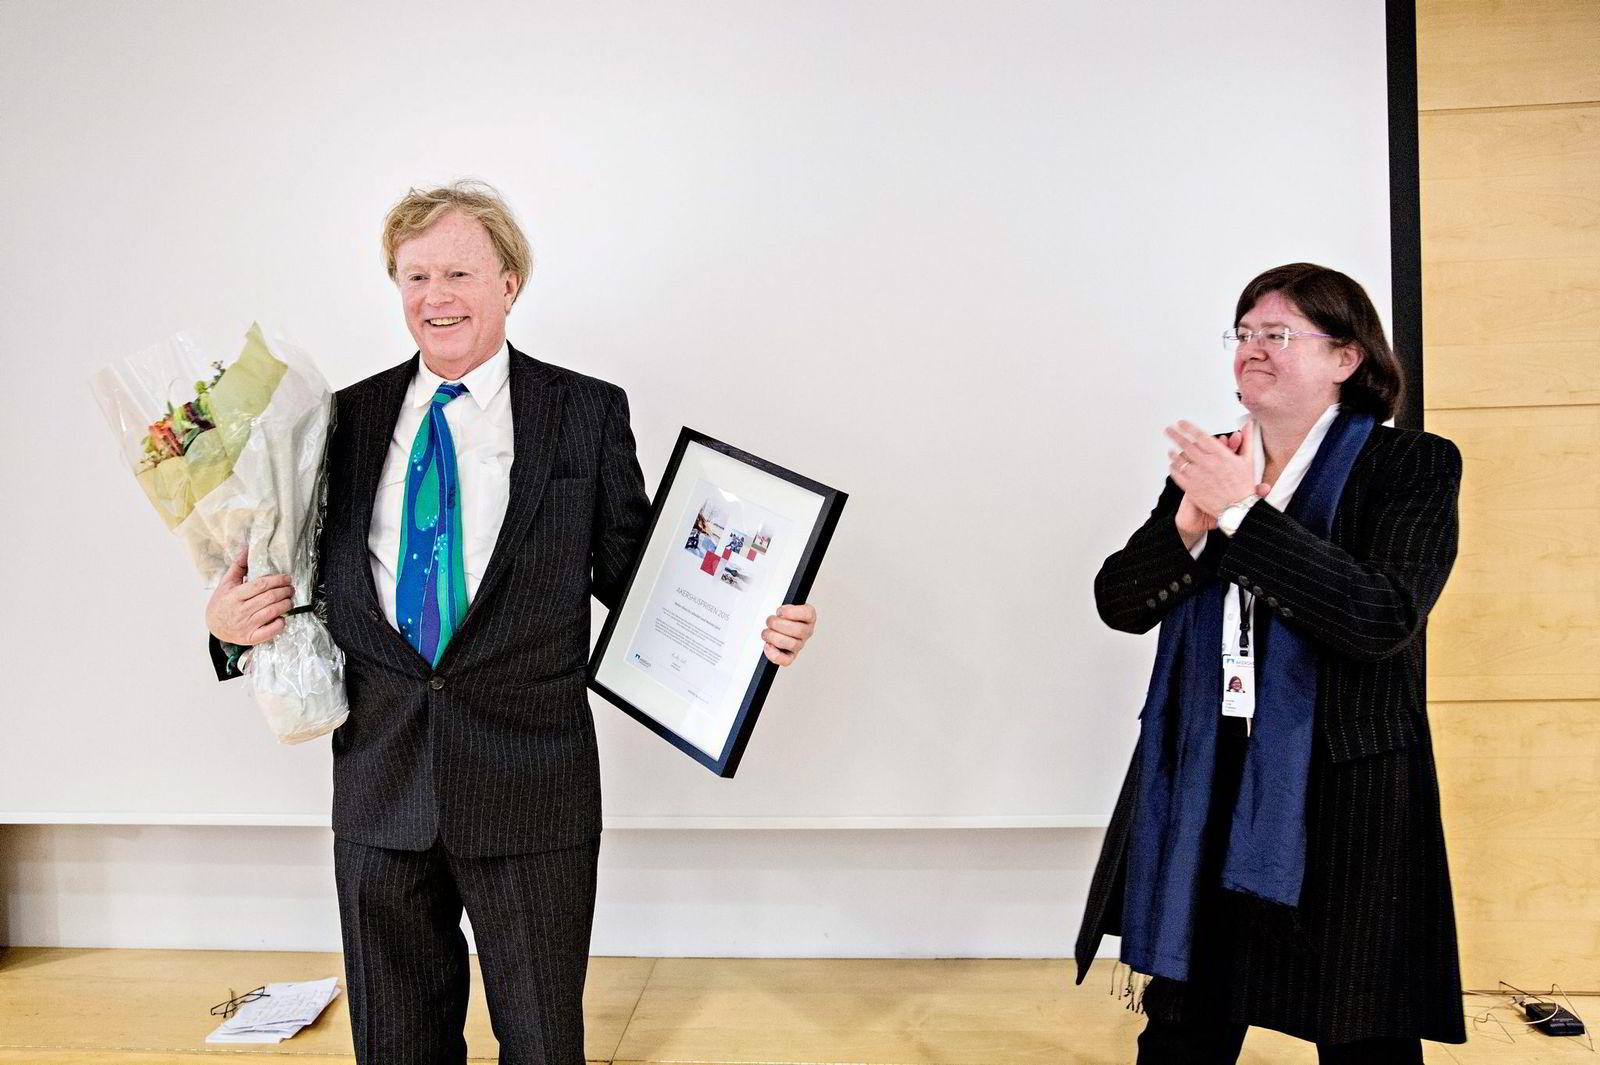 Petter Olsen ble forrige uke tildelt Akershusprisen 2015 for sitt arbeid med Ramme gård i Vestby. Prisen ble overrakt av Akershus' fylkesordfører Anette Solli.